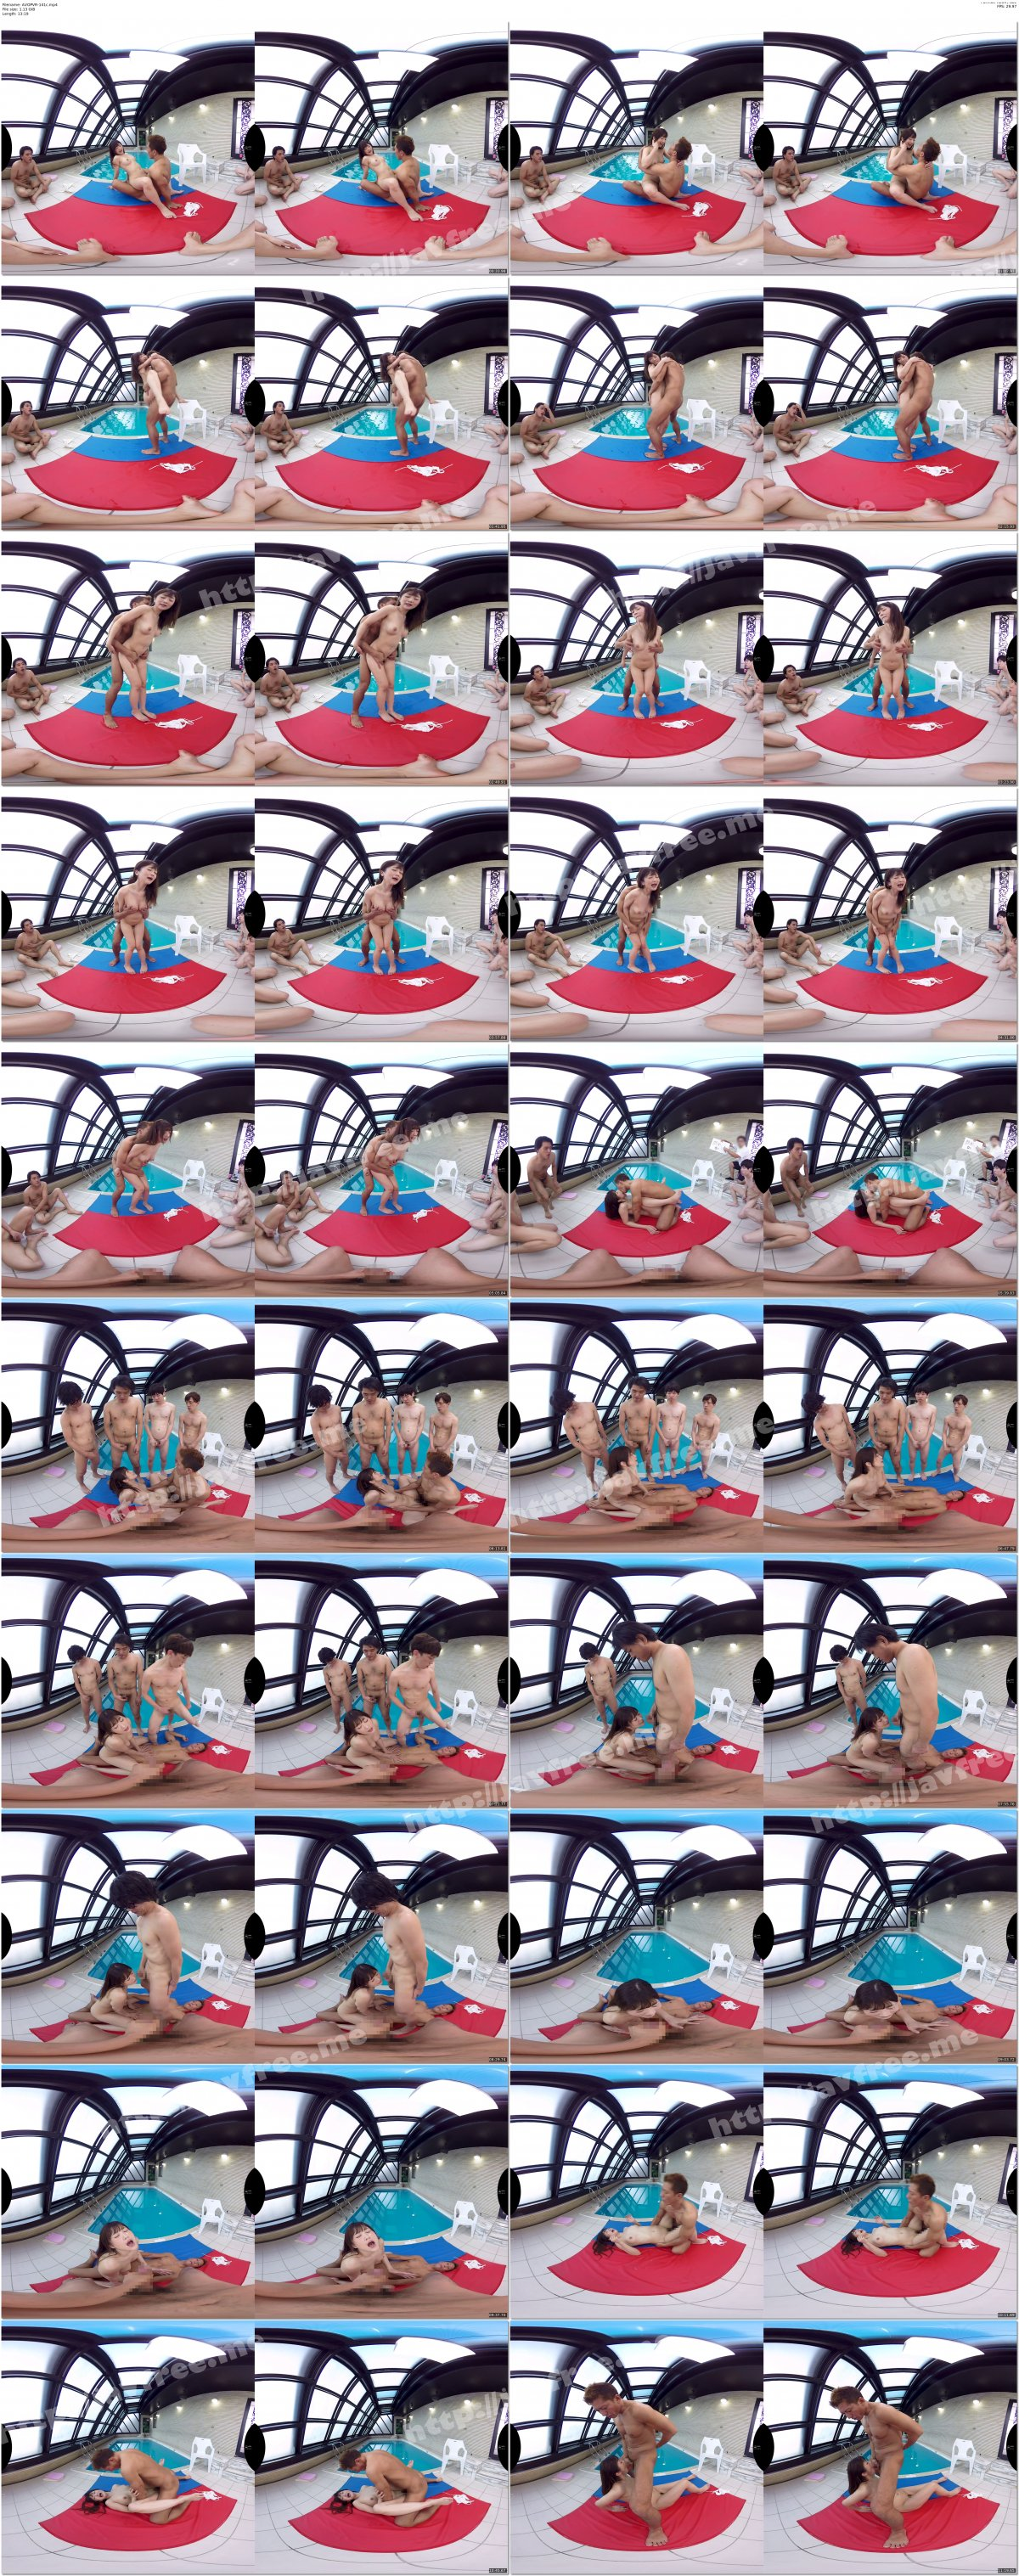 [AVOPVR-141] 【VR】成りあがりAV男優体験VR ただの素人だったアナタが一流のAV男優になるまでの過程で実際に出会った8人のAV女優との8現場を全てドキュメンタリーVR映像化!! - image AVOPVR-141c on https://javfree.me